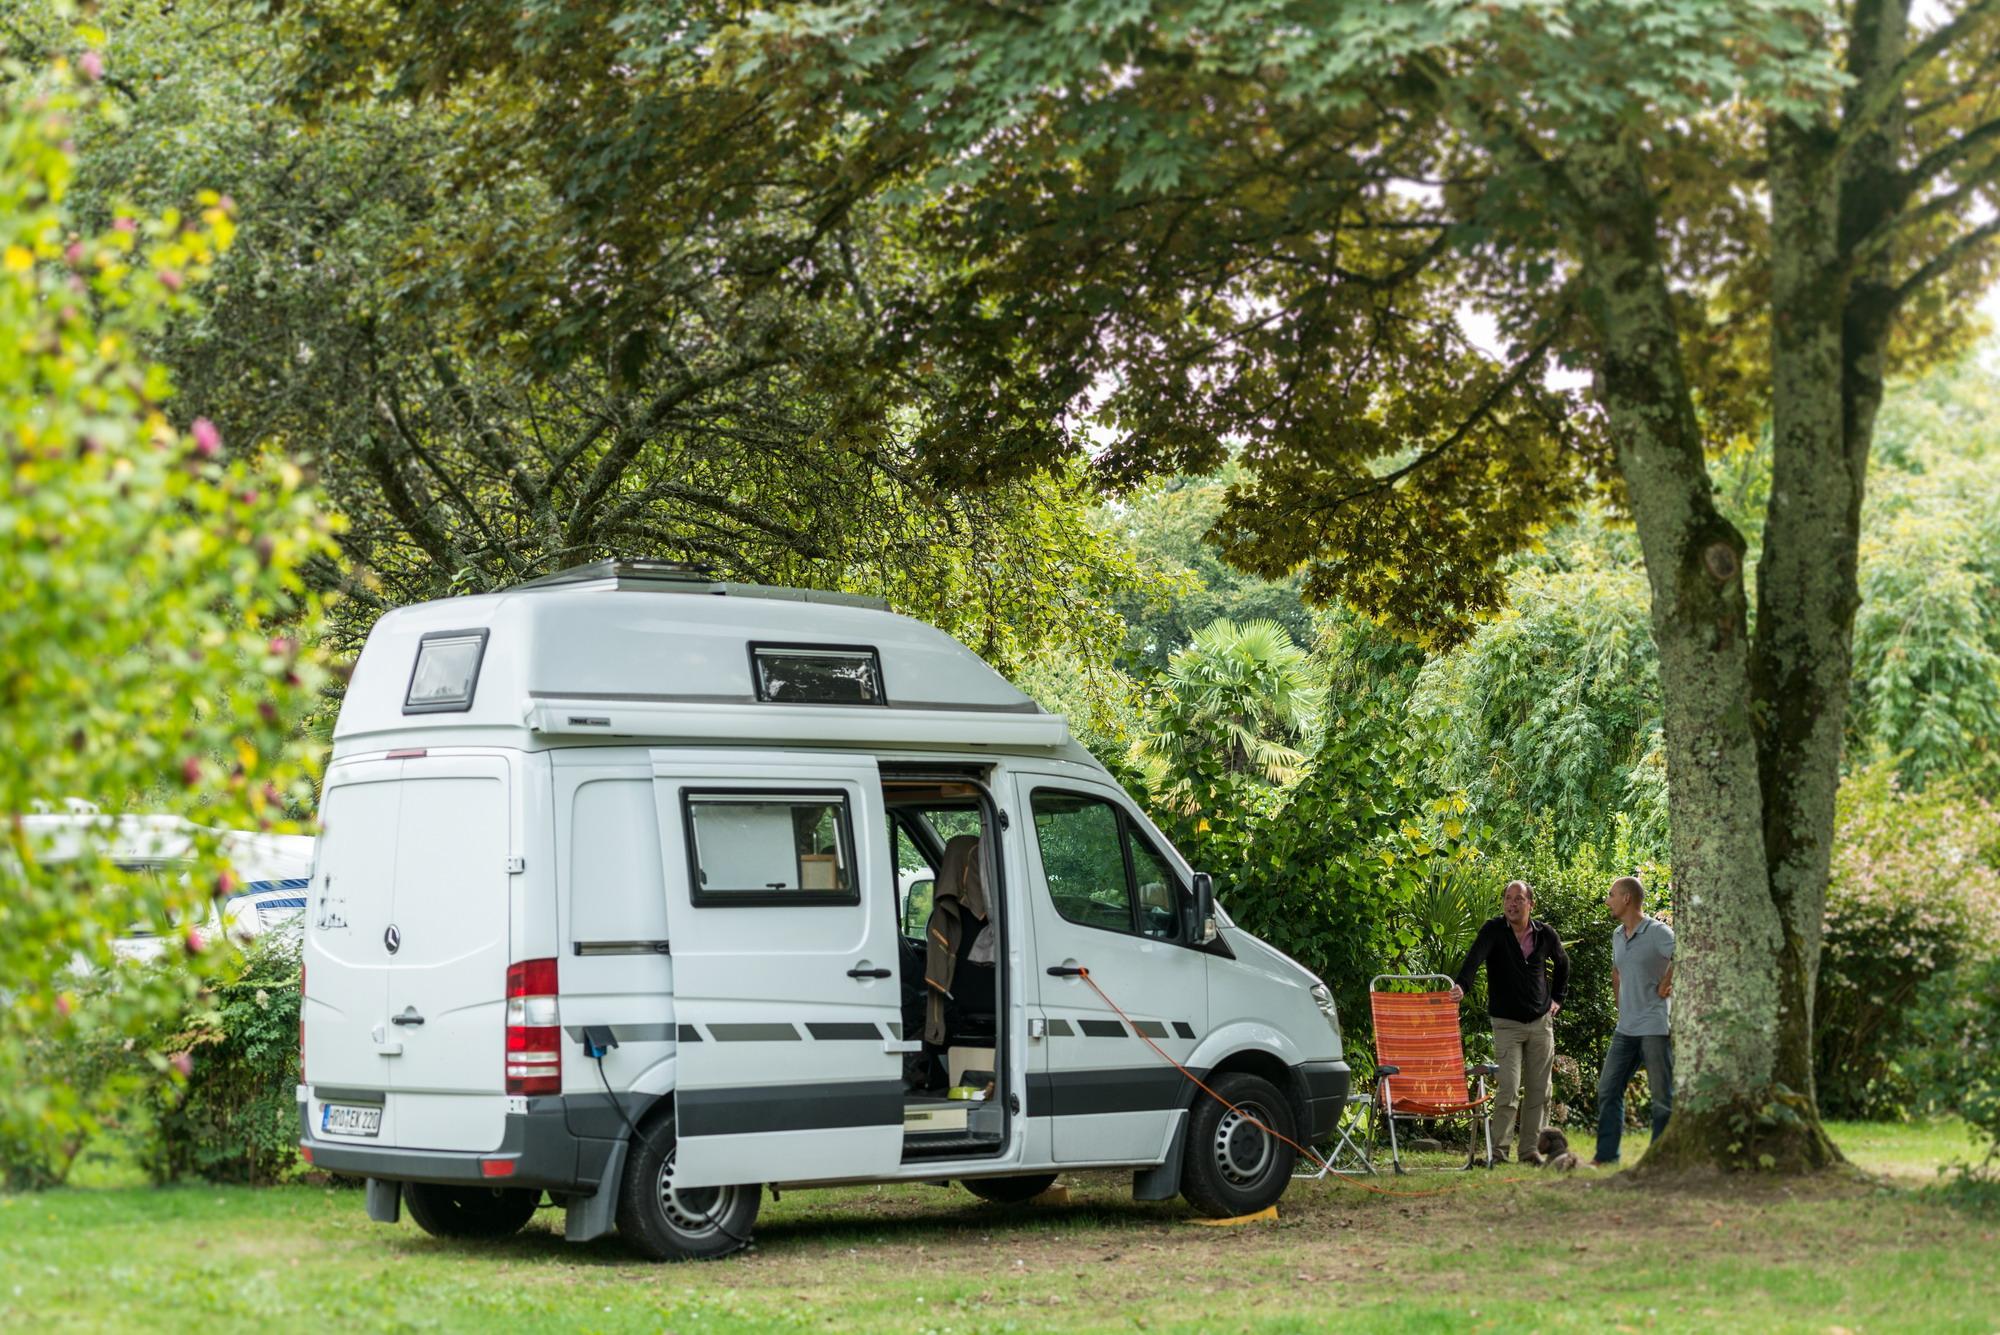 Emplacement - Emplacement Classique - Électricité 10A - 1 Véhicule - Eau À Proximité - Camping Castel L'Orangerie de Lanniron